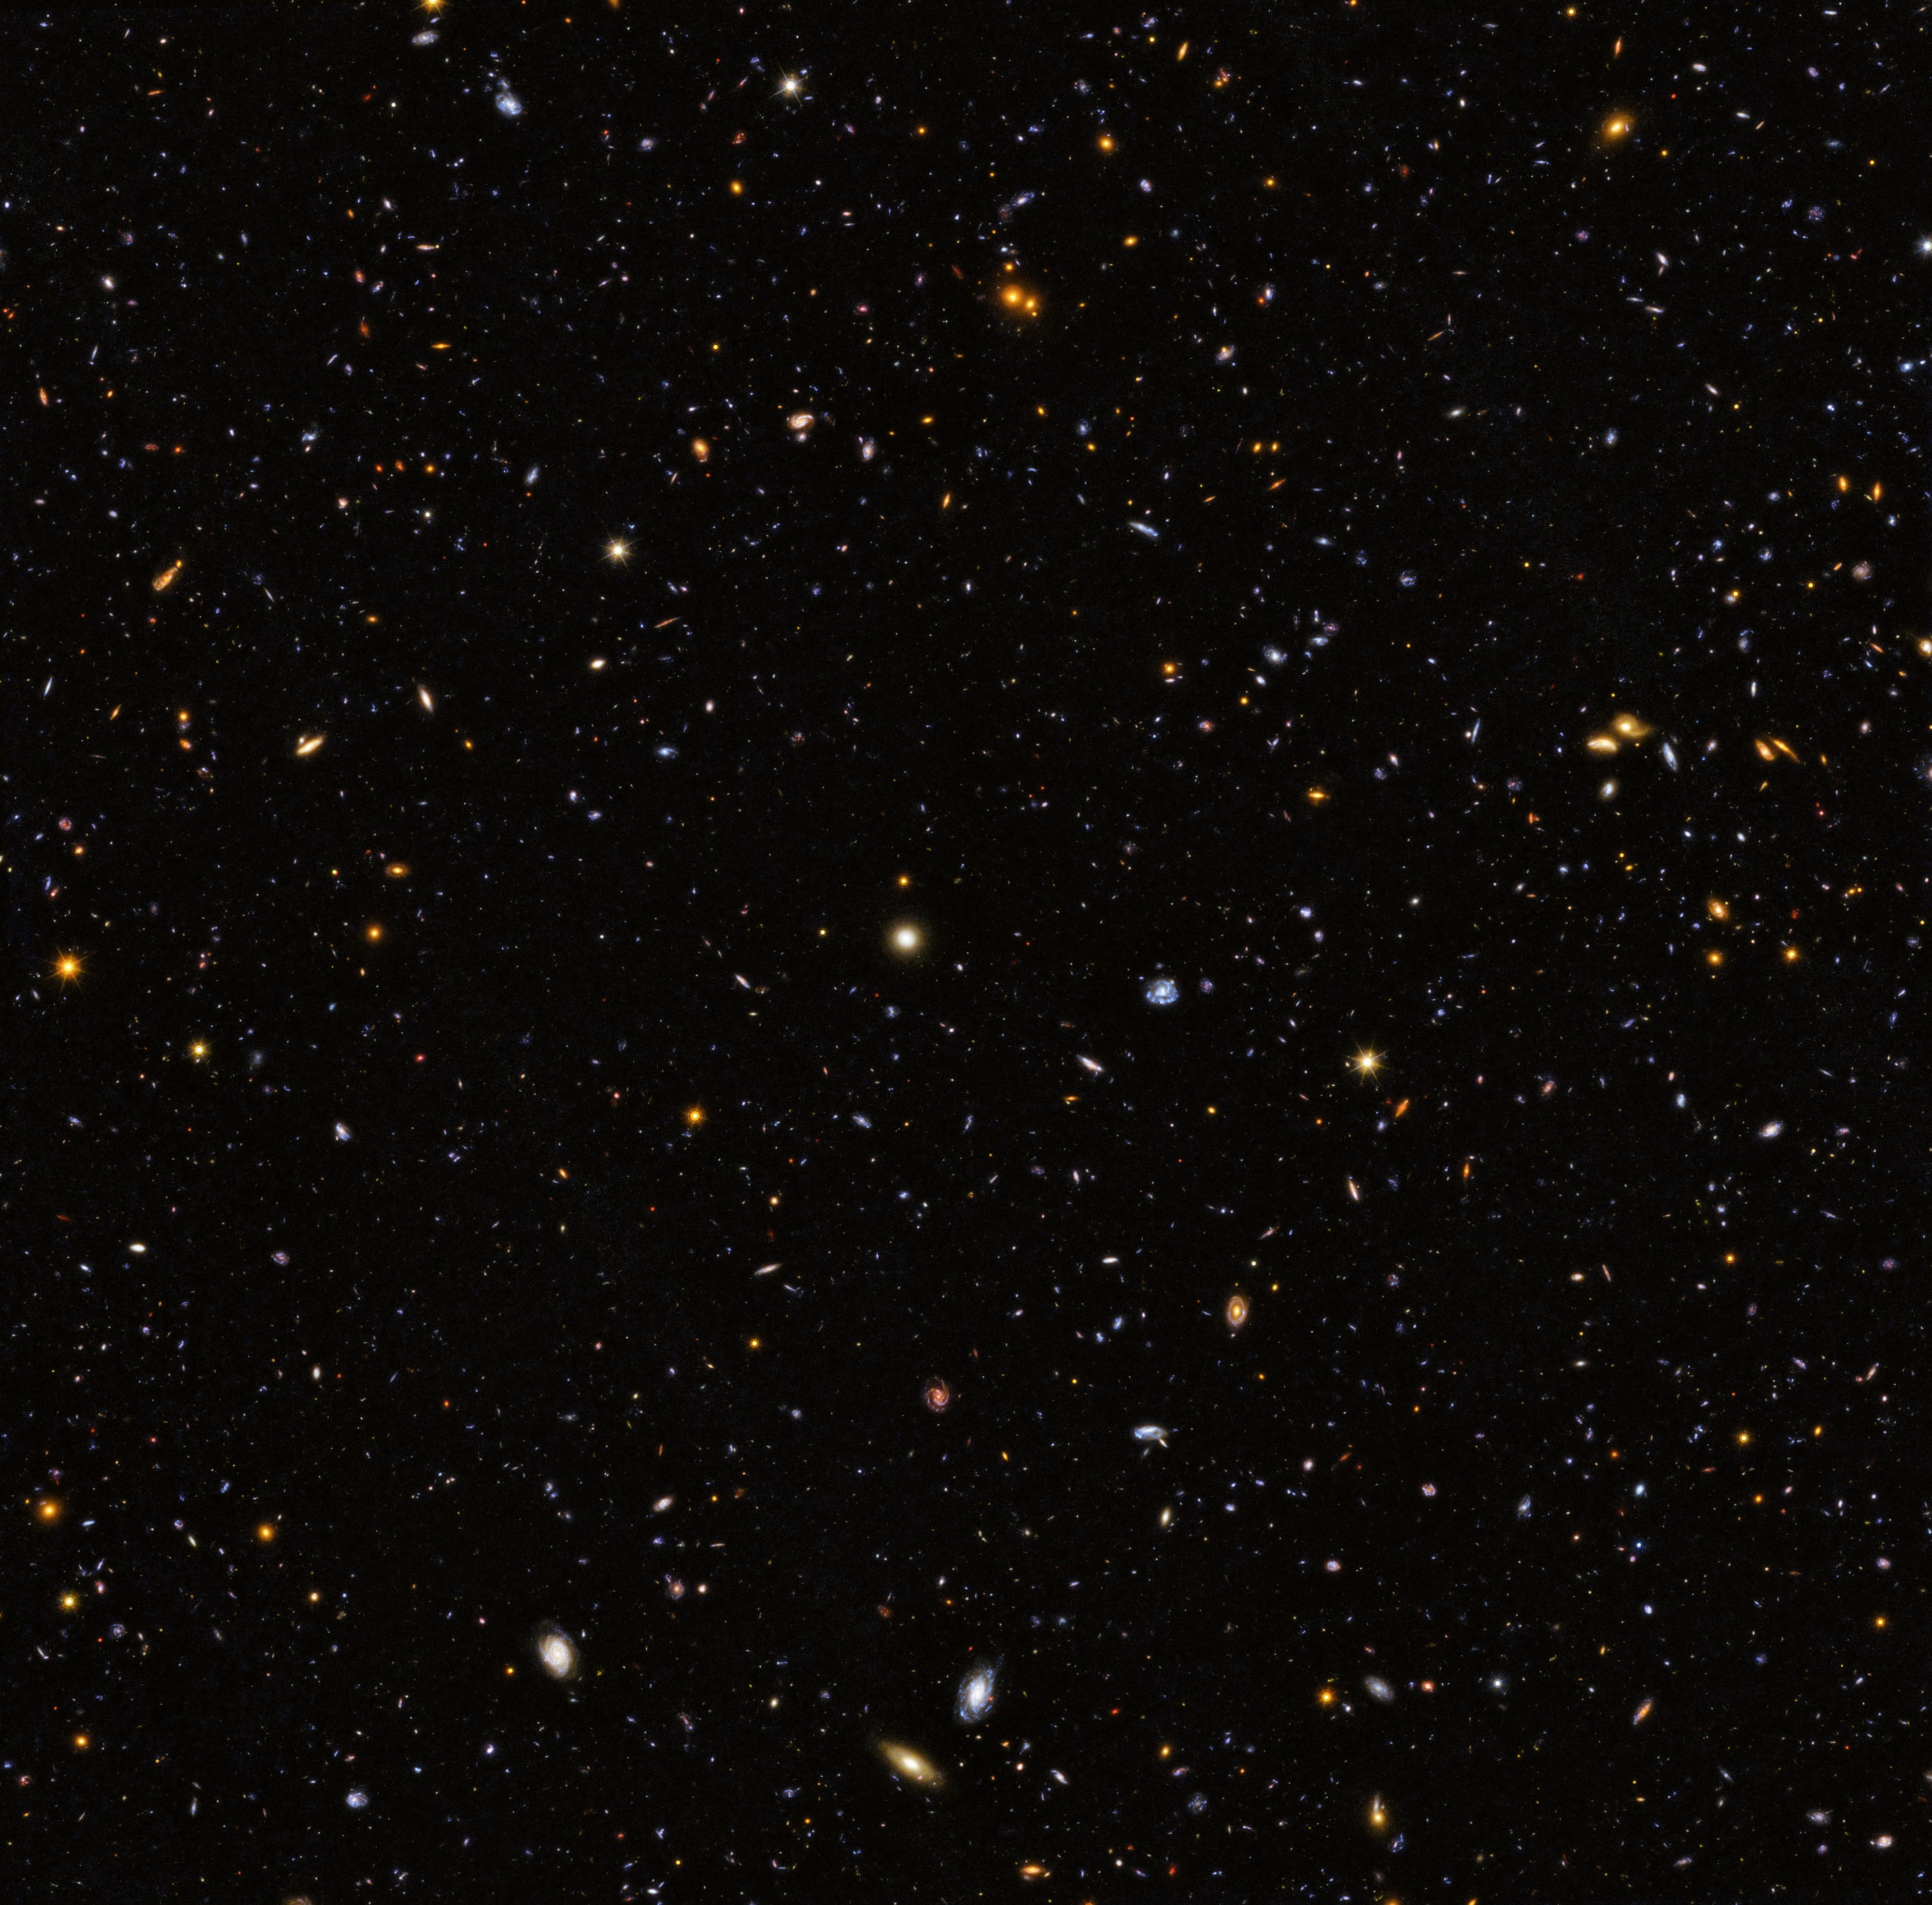 109179 fond d'écran 320x480 sur votre téléphone gratuitement, téléchargez des images Hubble, Univers, Éclat, Briller, Galaxie, Constellation 320x480 sur votre mobile